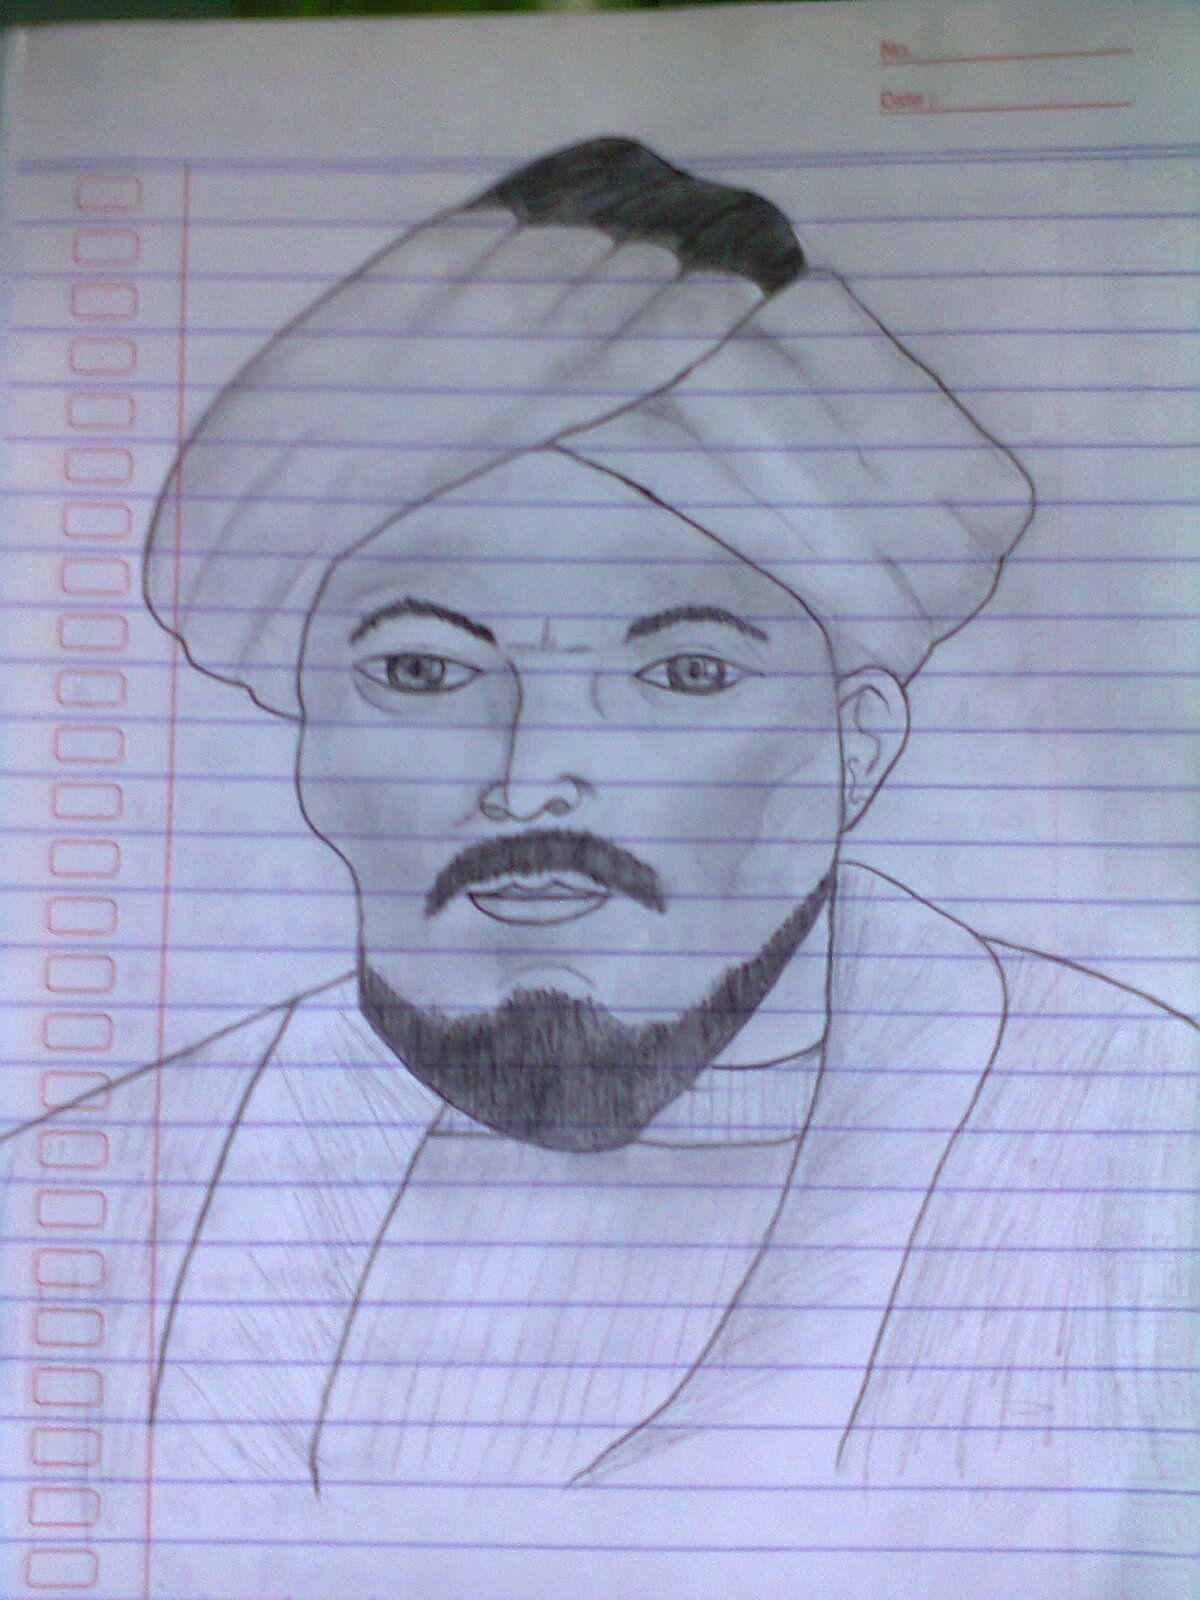 Download Gambar Sketsa Kartun Tayo Sketsabaru Wallpaperworld1stcom